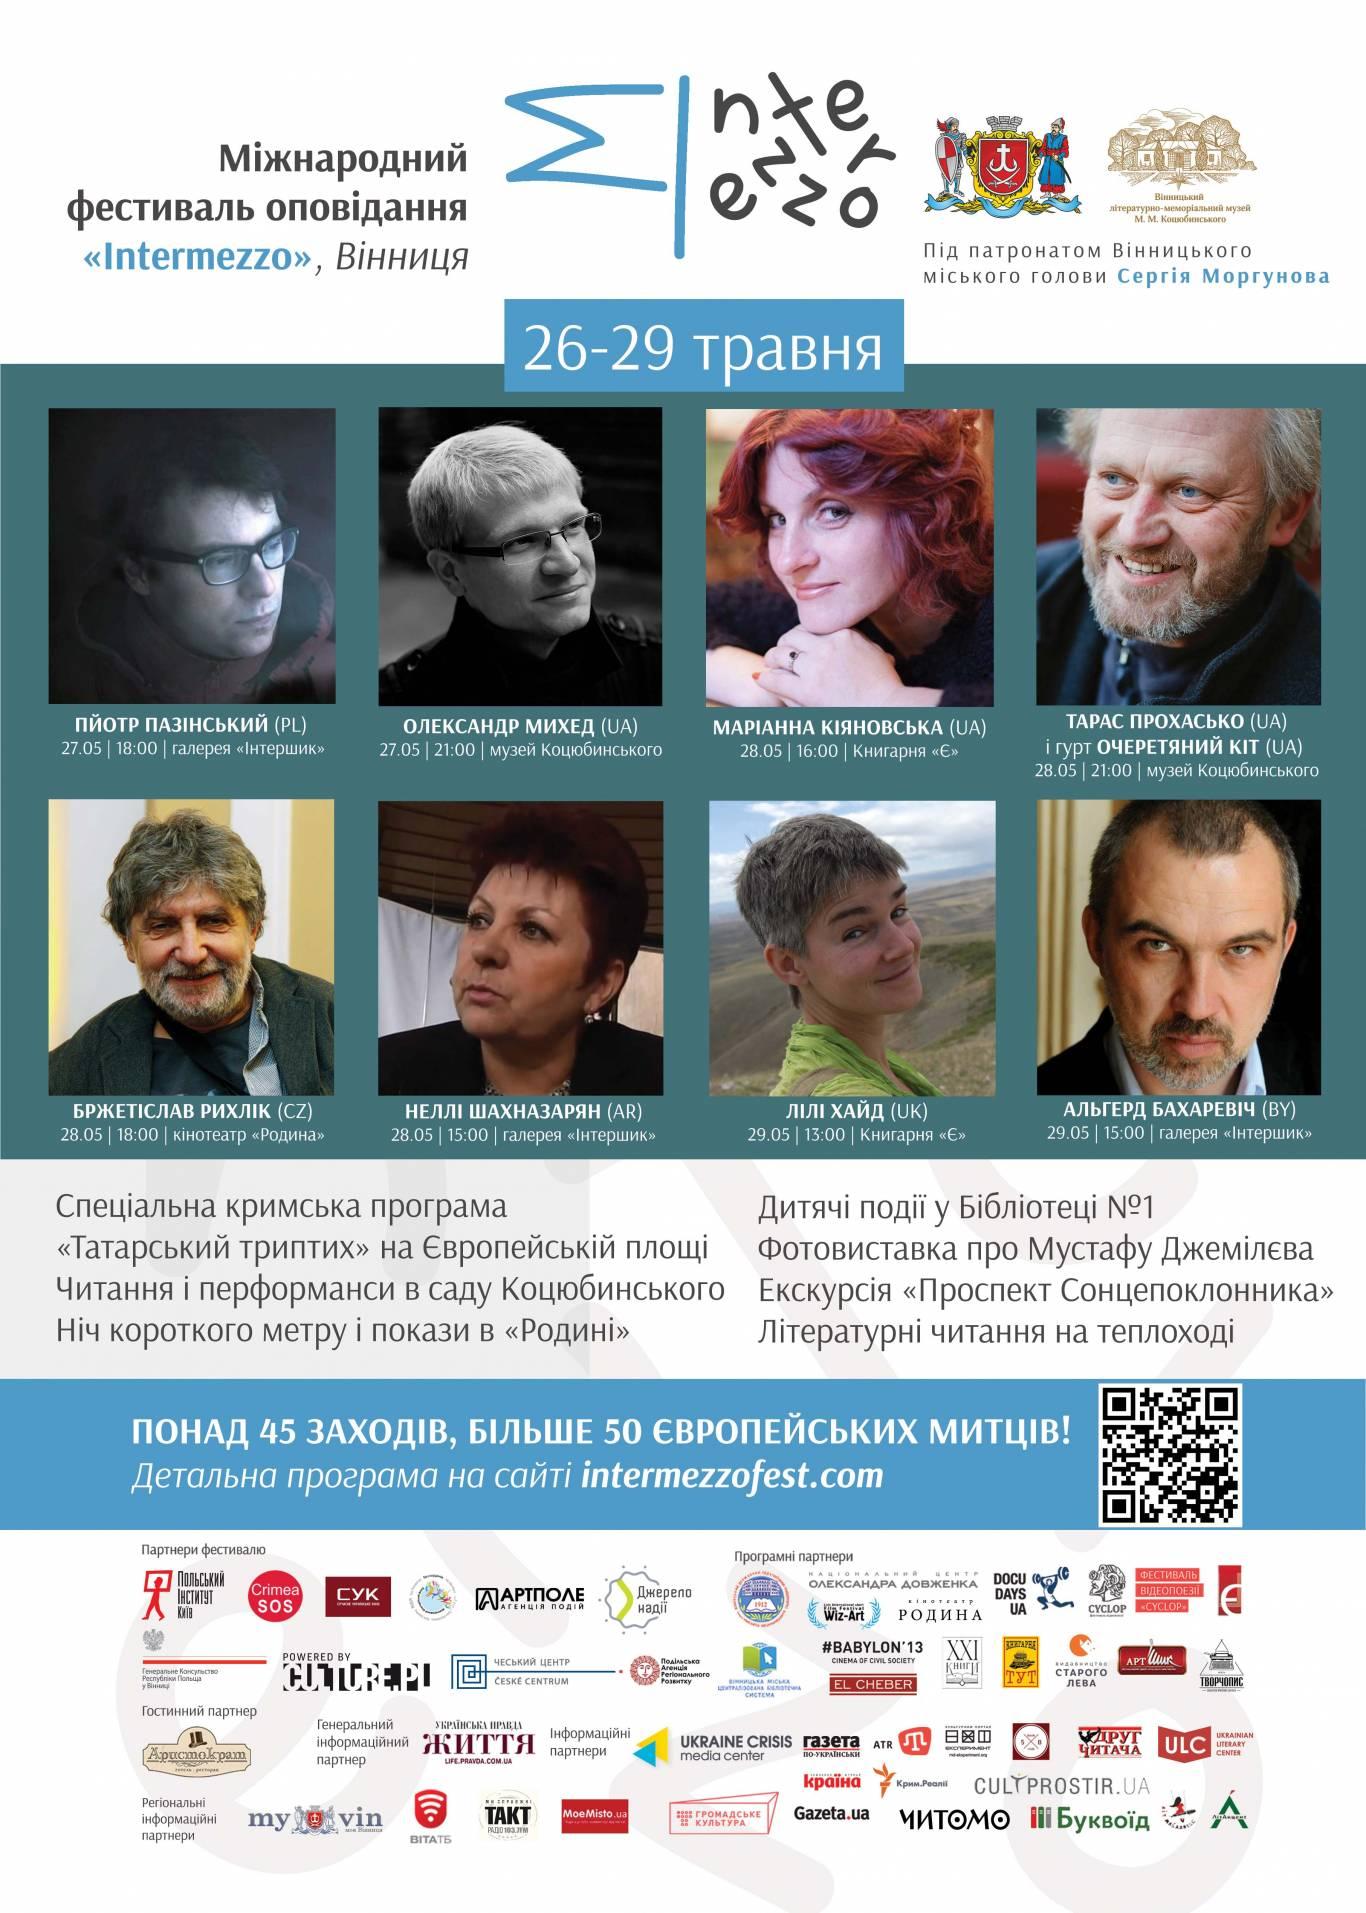 Міжнародний фестиваль оповідання «Intermezzo. Розіграш квитків